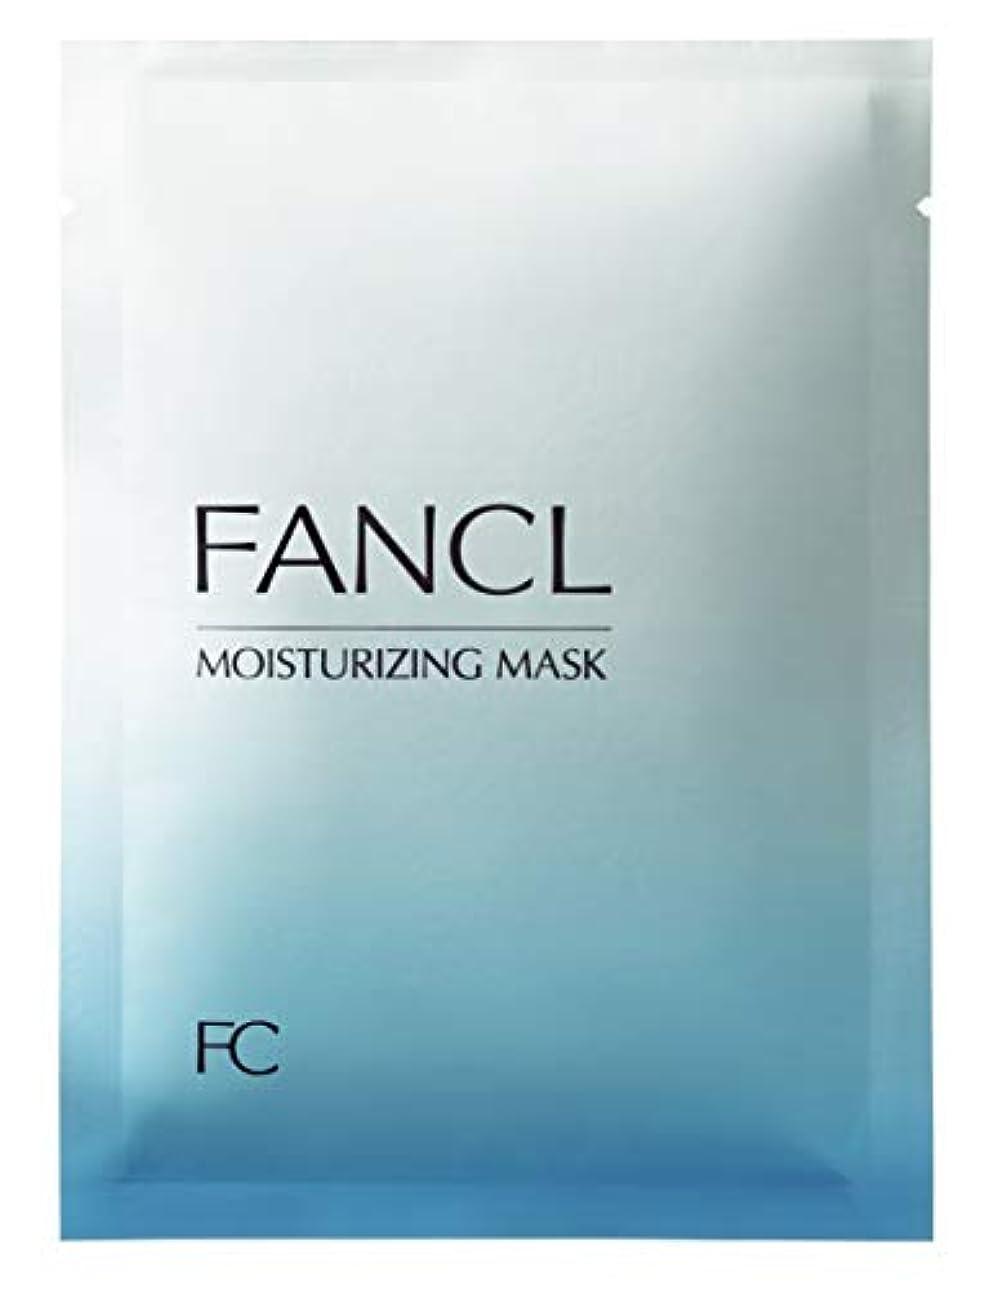 要塞多様性高速道路ファンケル (FANCL) モイスチャライジング マスク 6枚セット (18mL×6)